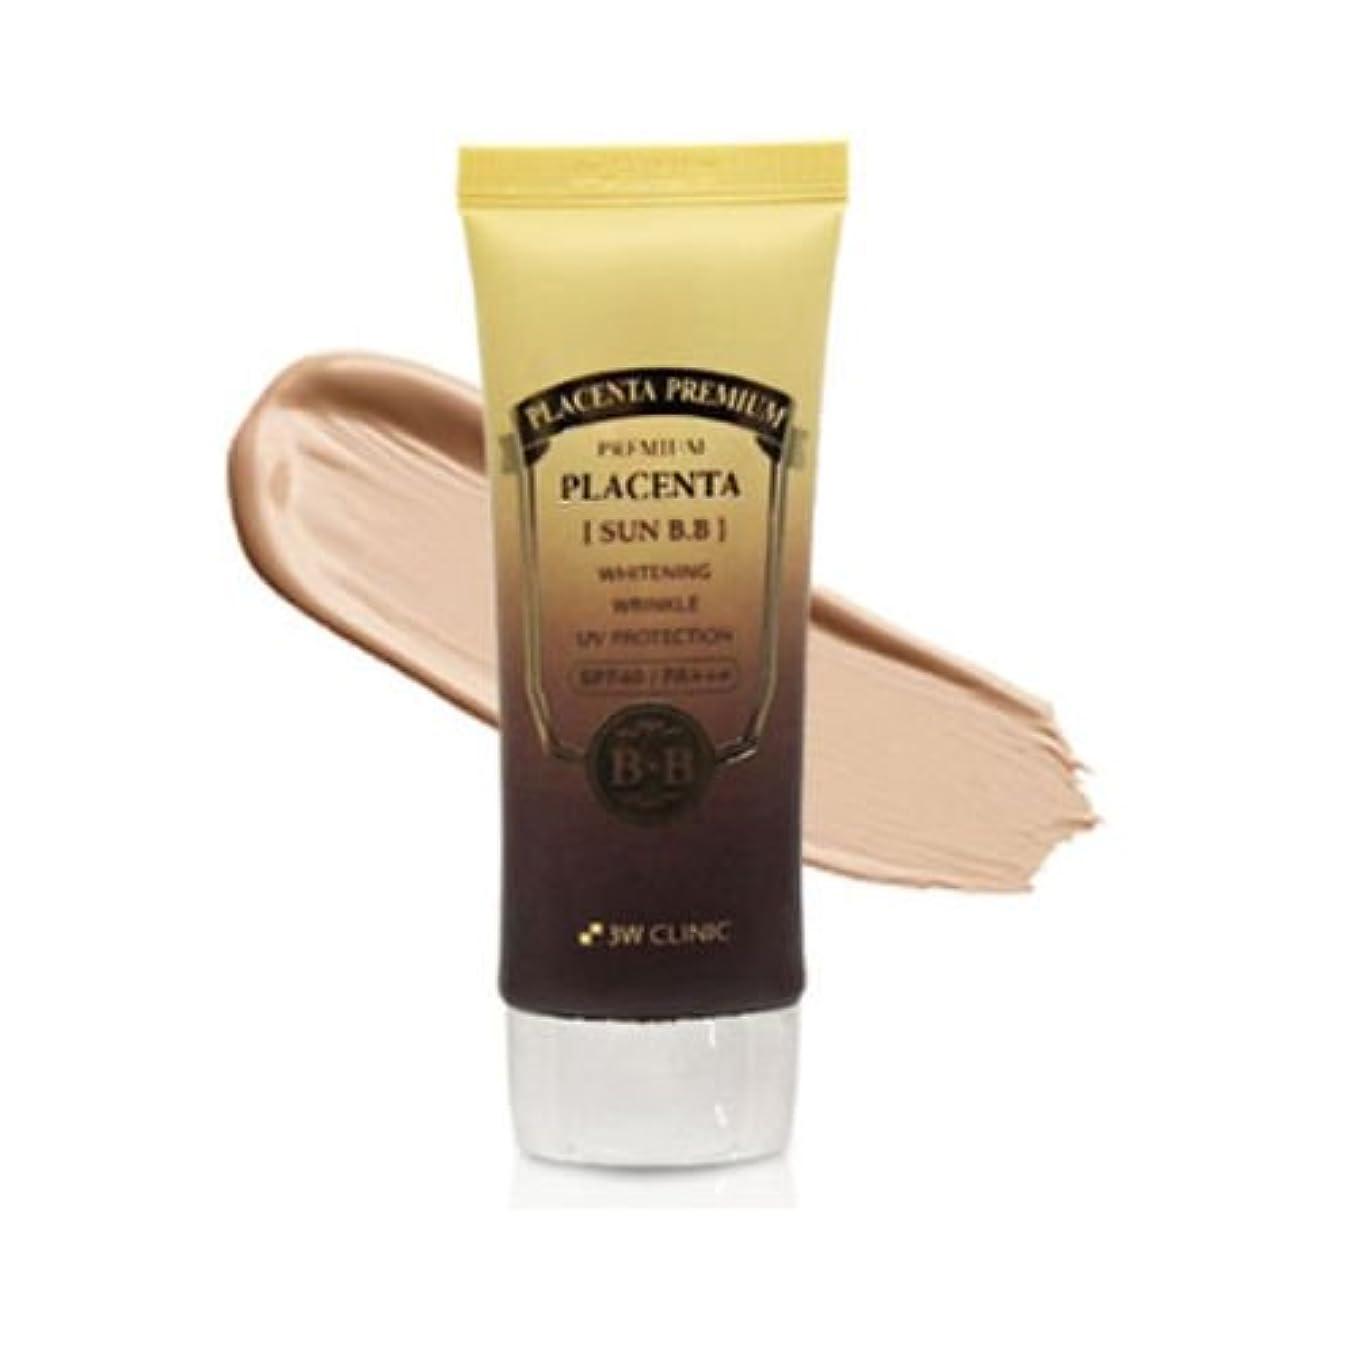 過ち完璧なめる3Wクリニック[韓国コスメ3w Clinic]Premium Placenta Sun BB Cream プレミアムプラセンタサンBBクリーム70ml SPF40 PA+++ UV しわ管理[並行輸入品]